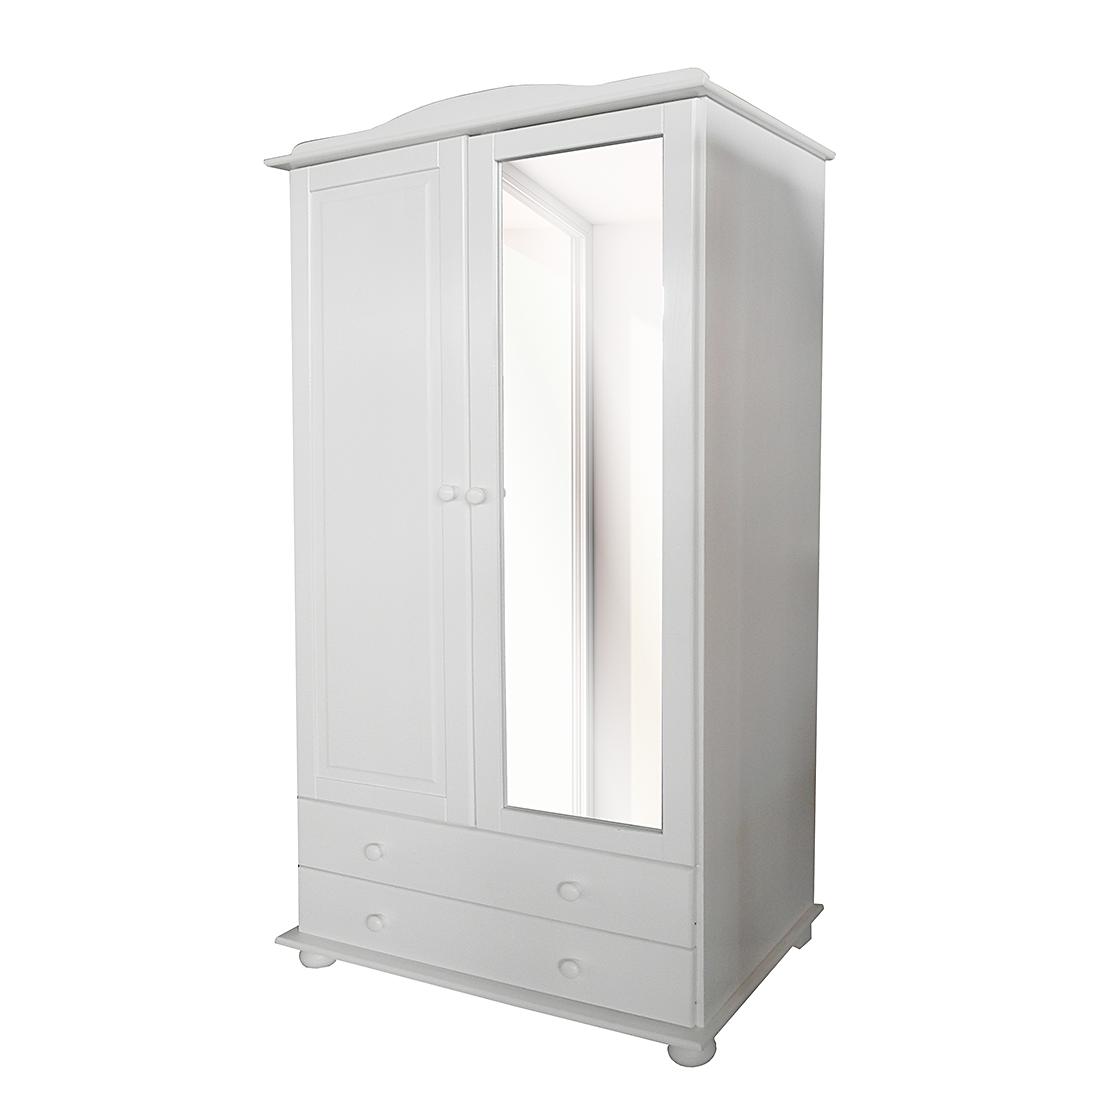 Kleiderschrank weiß mit spiegel  Kleiderschrank Weiß Spiegel Günstig | rheumri.com